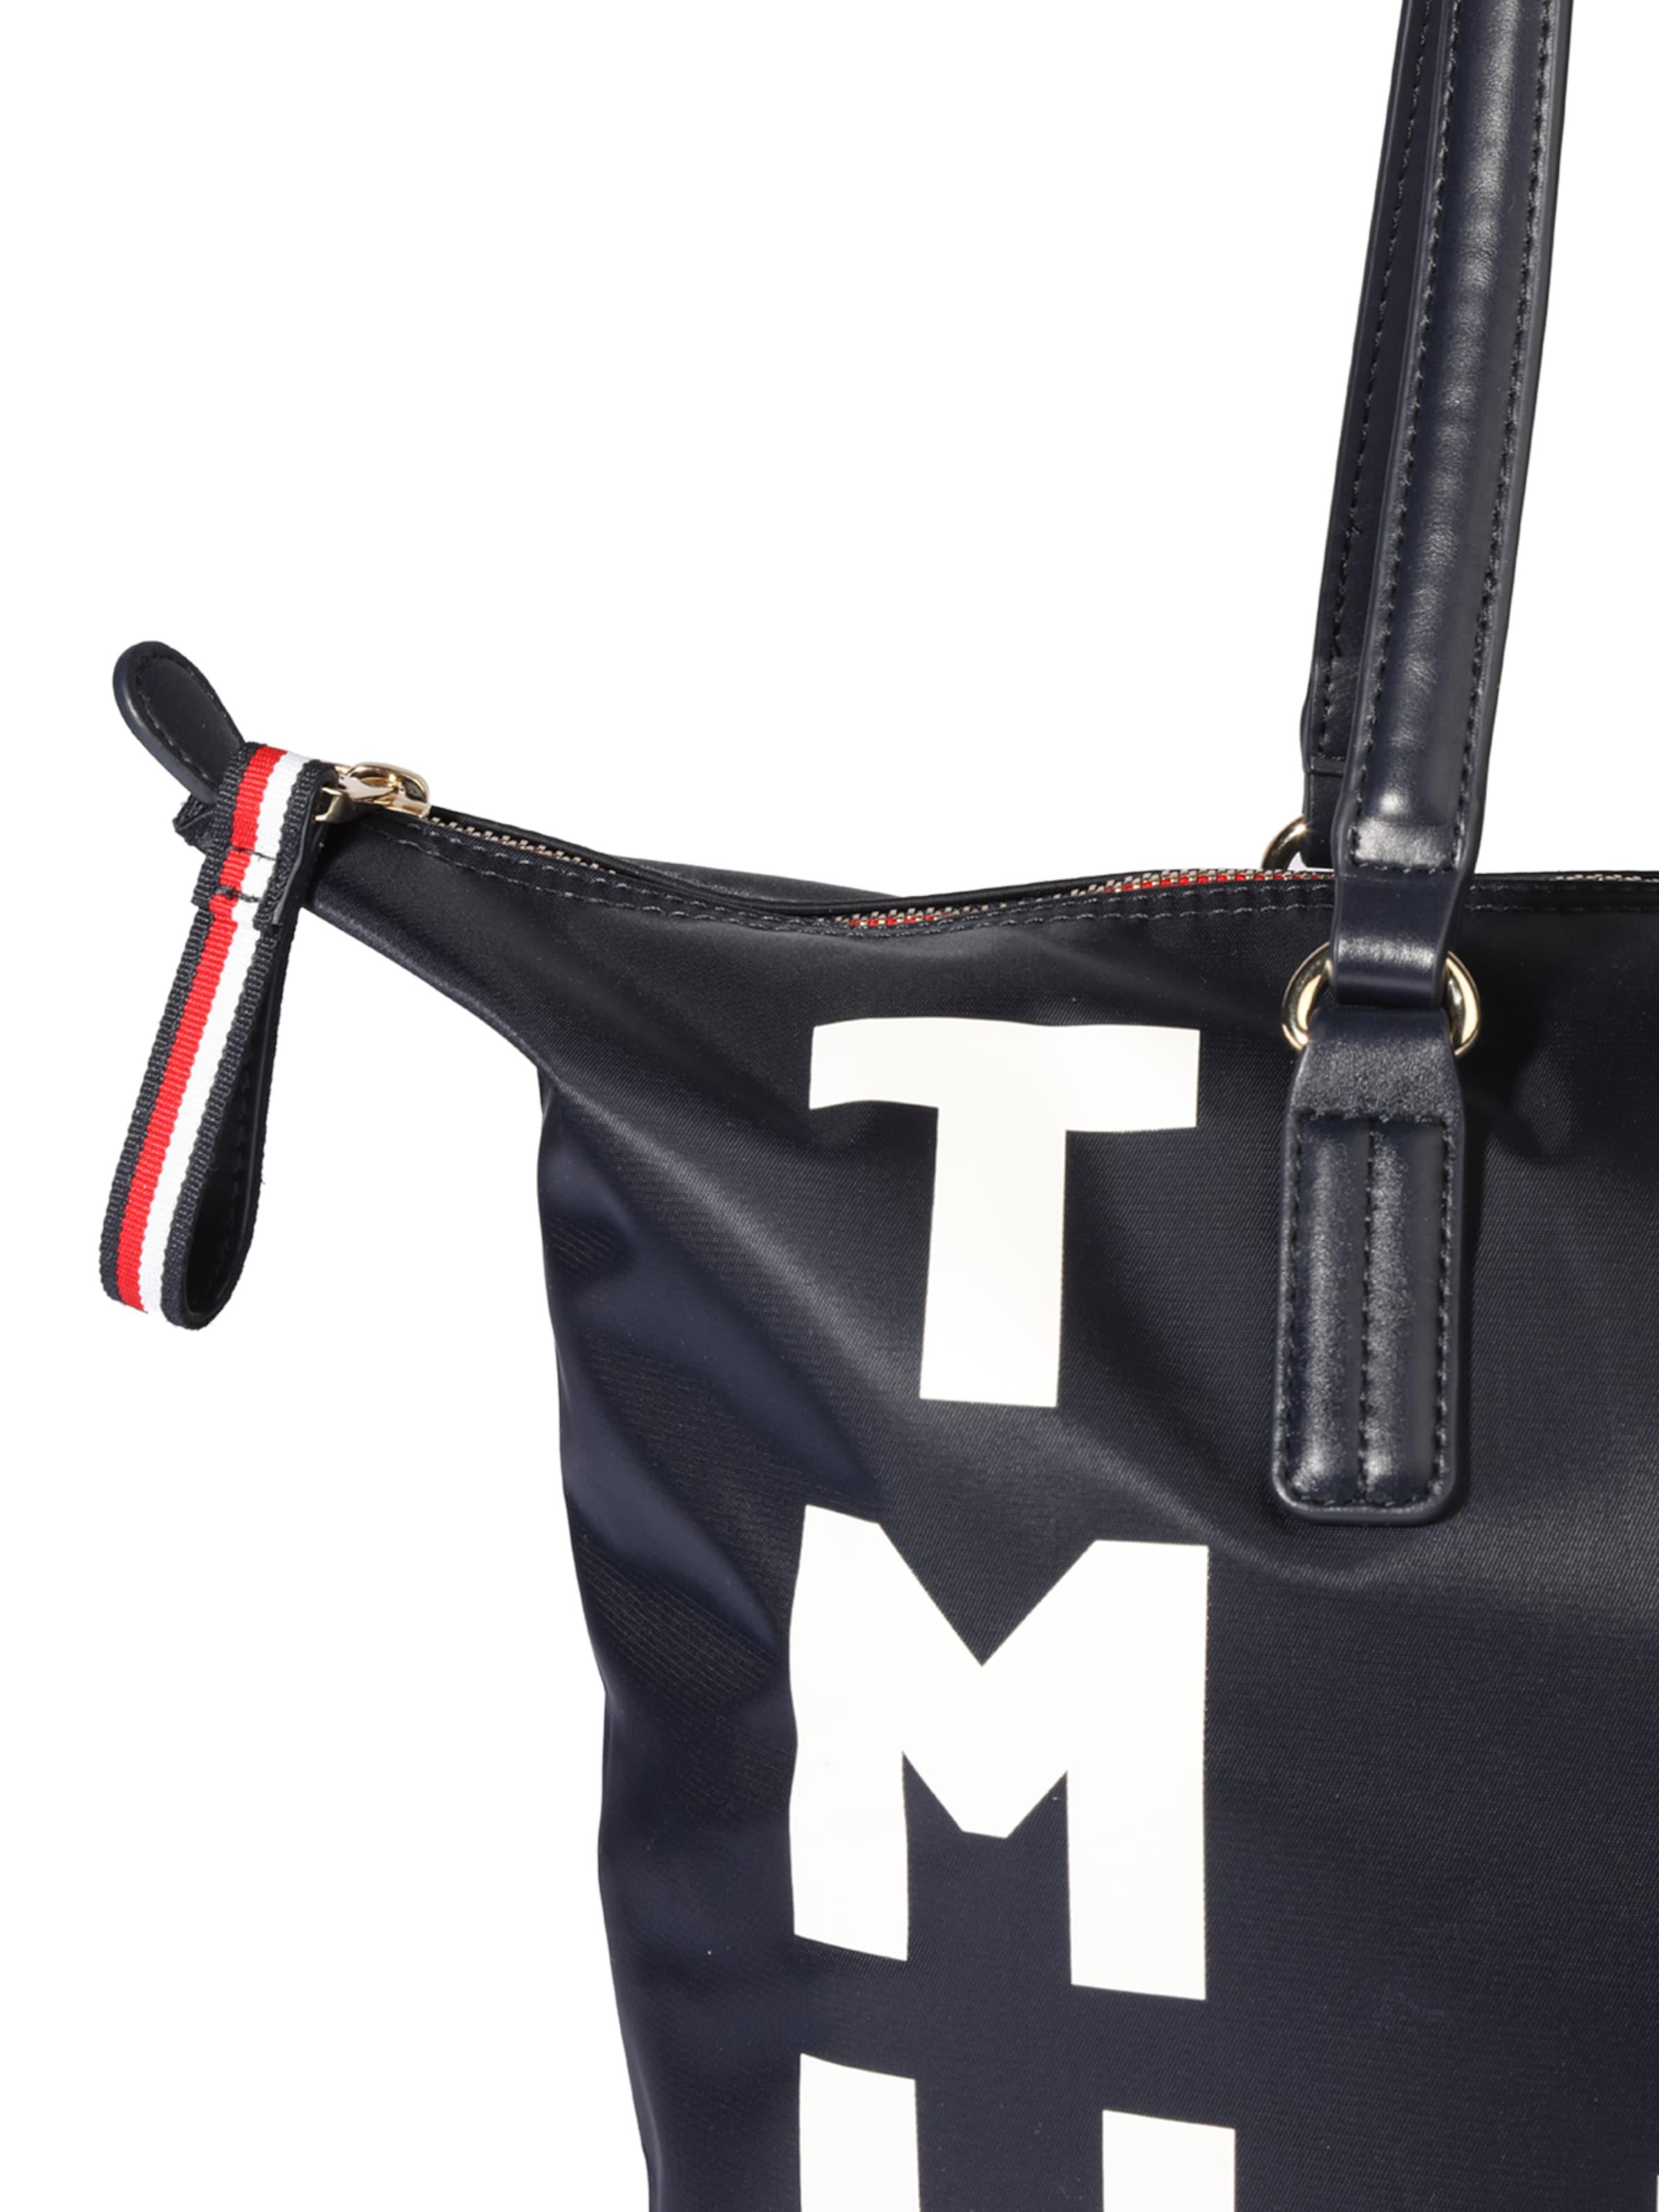 TOMMY HILFIGER Shopper-Tasche 'POPPY' Billig Verkauf Outlet-Store Steckdose Mit Paypal Online Bestellen ZX2cK